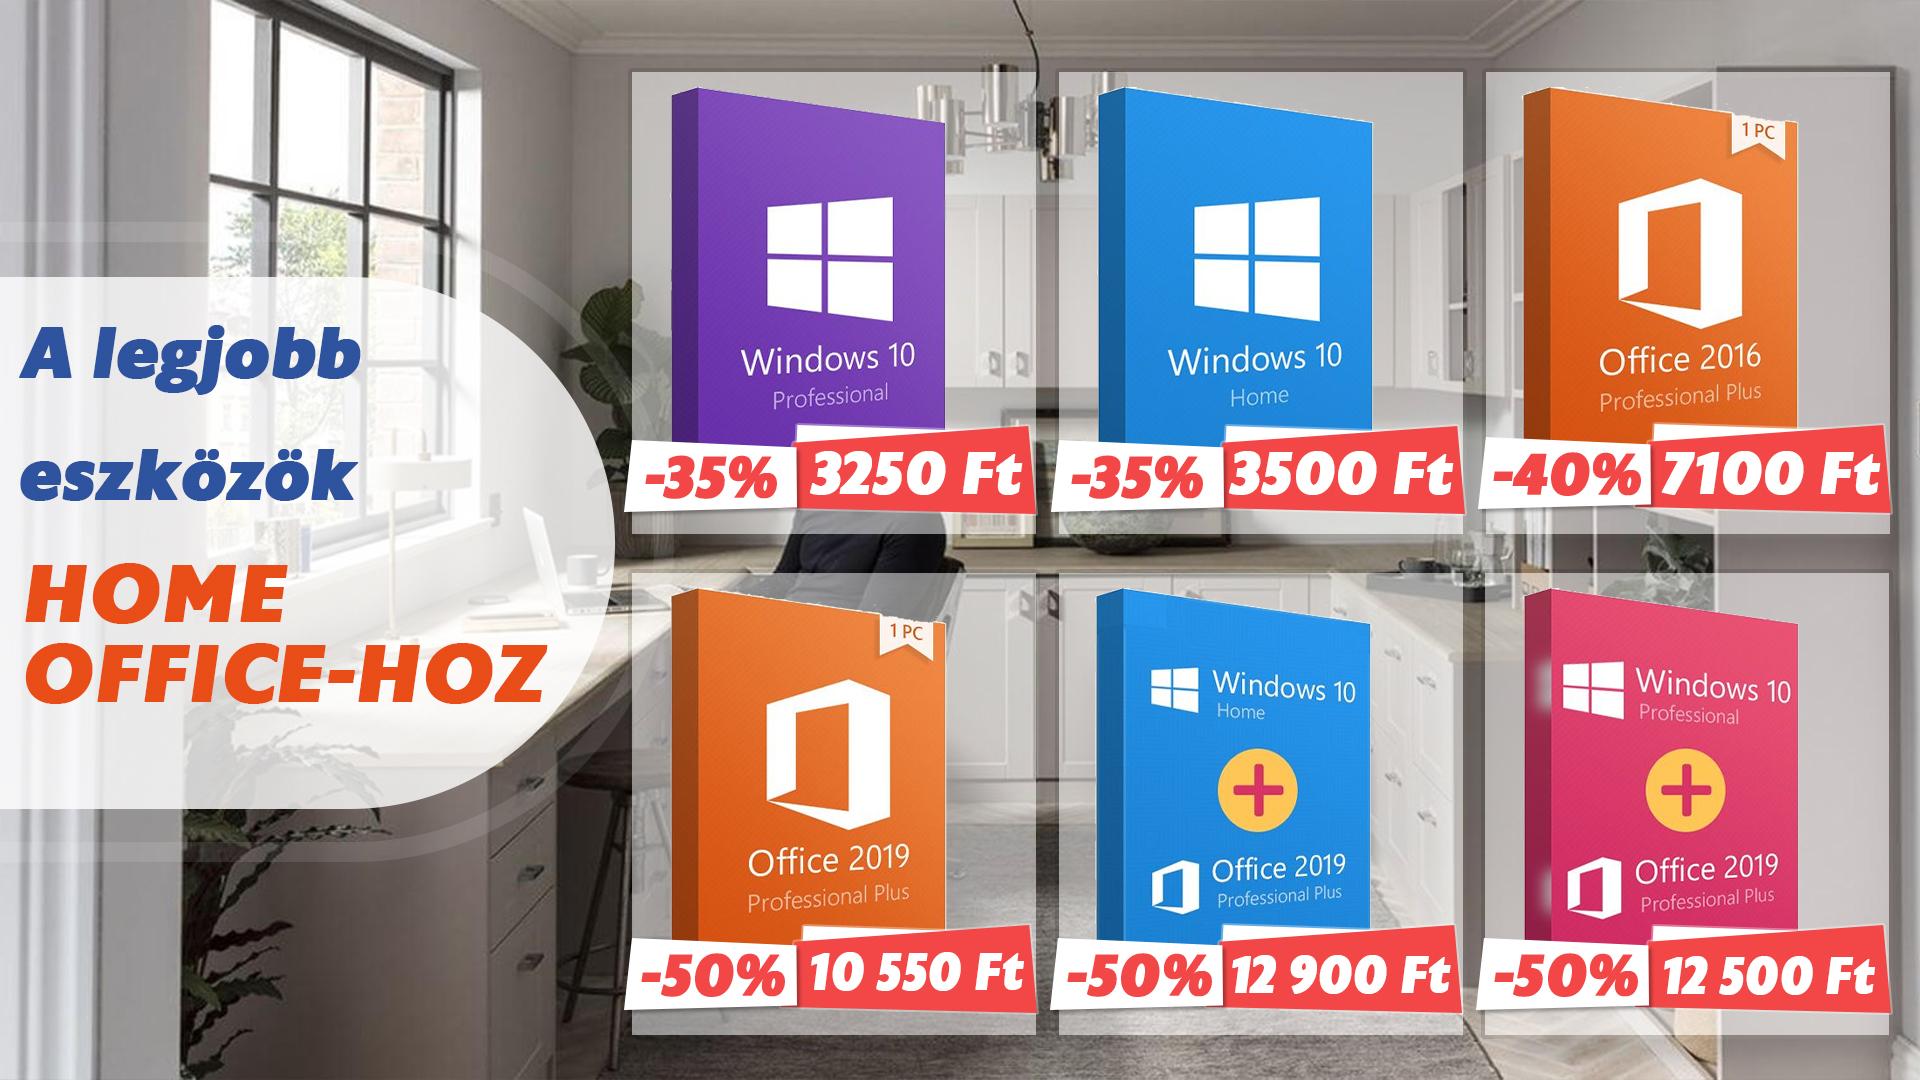 Baj van az Office 365-tel 2